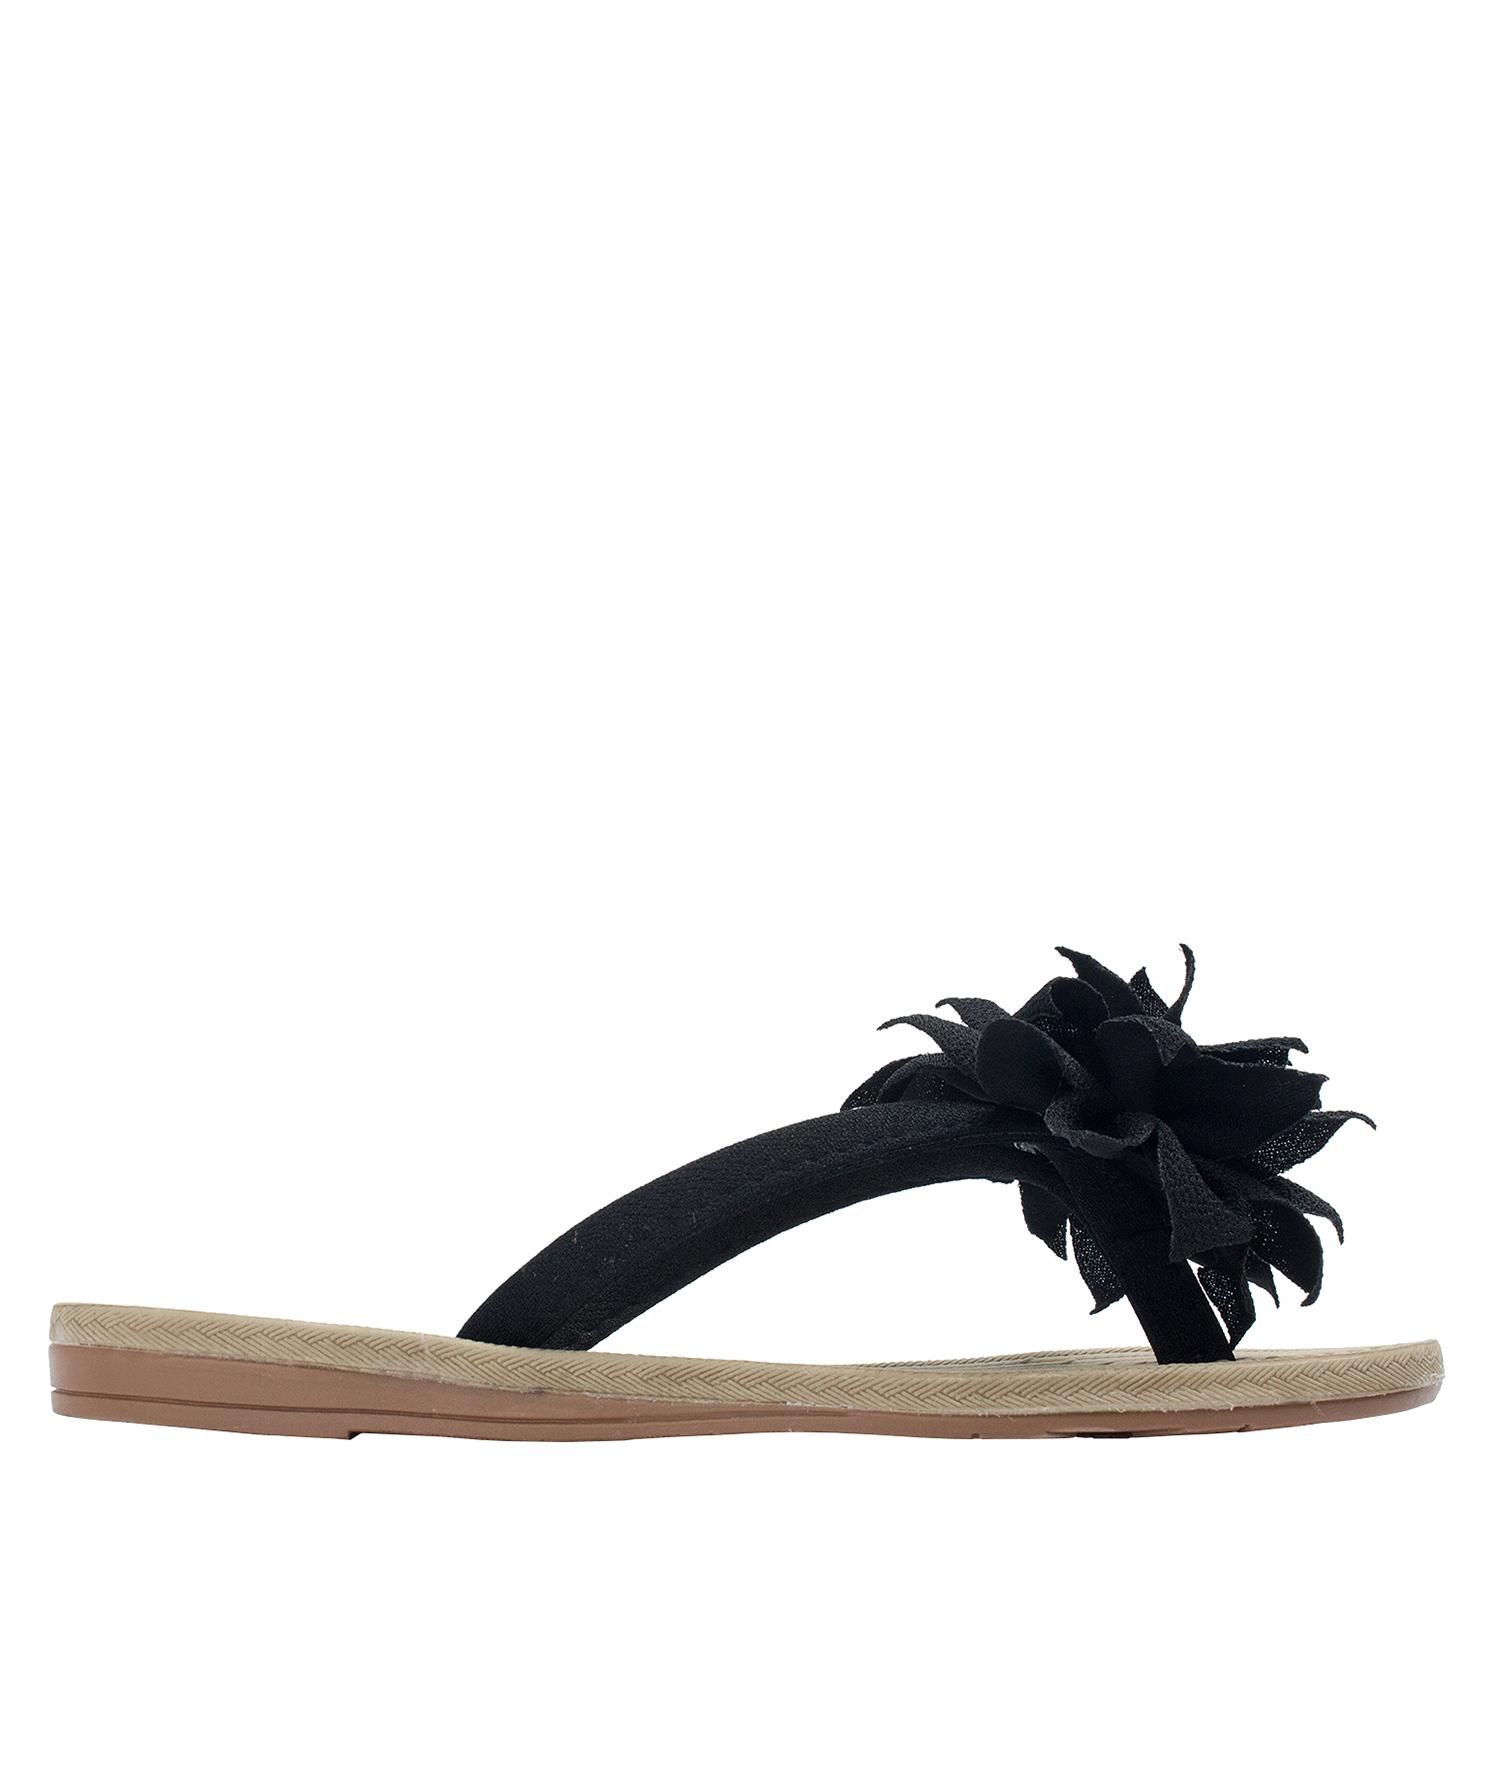 dd03027ea0dd1 AnnaKastle Womens Big Flower Flip Flops Beach Sandals Black